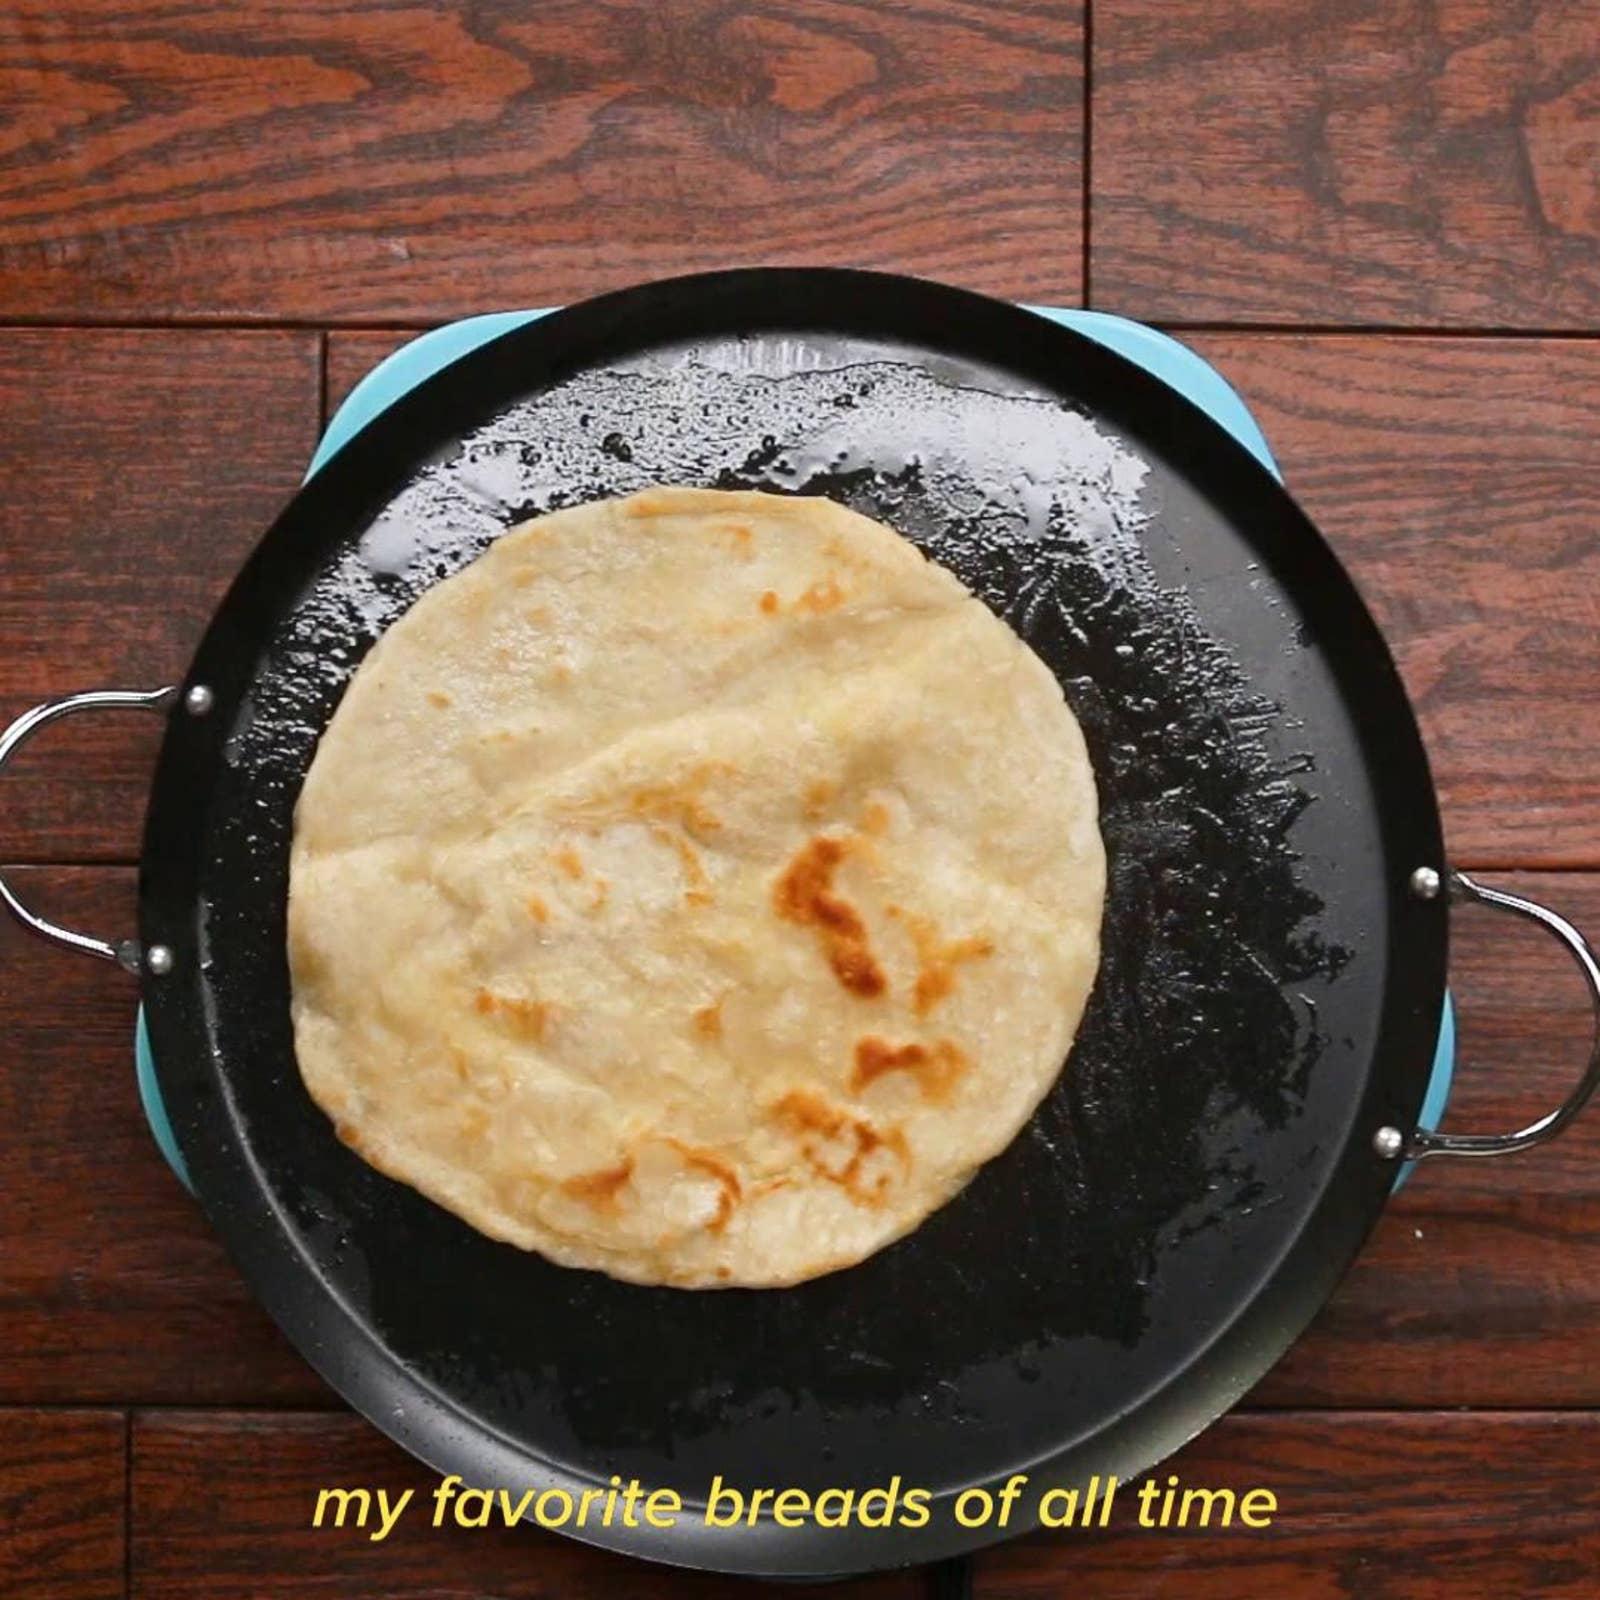 Trinidadian Roti